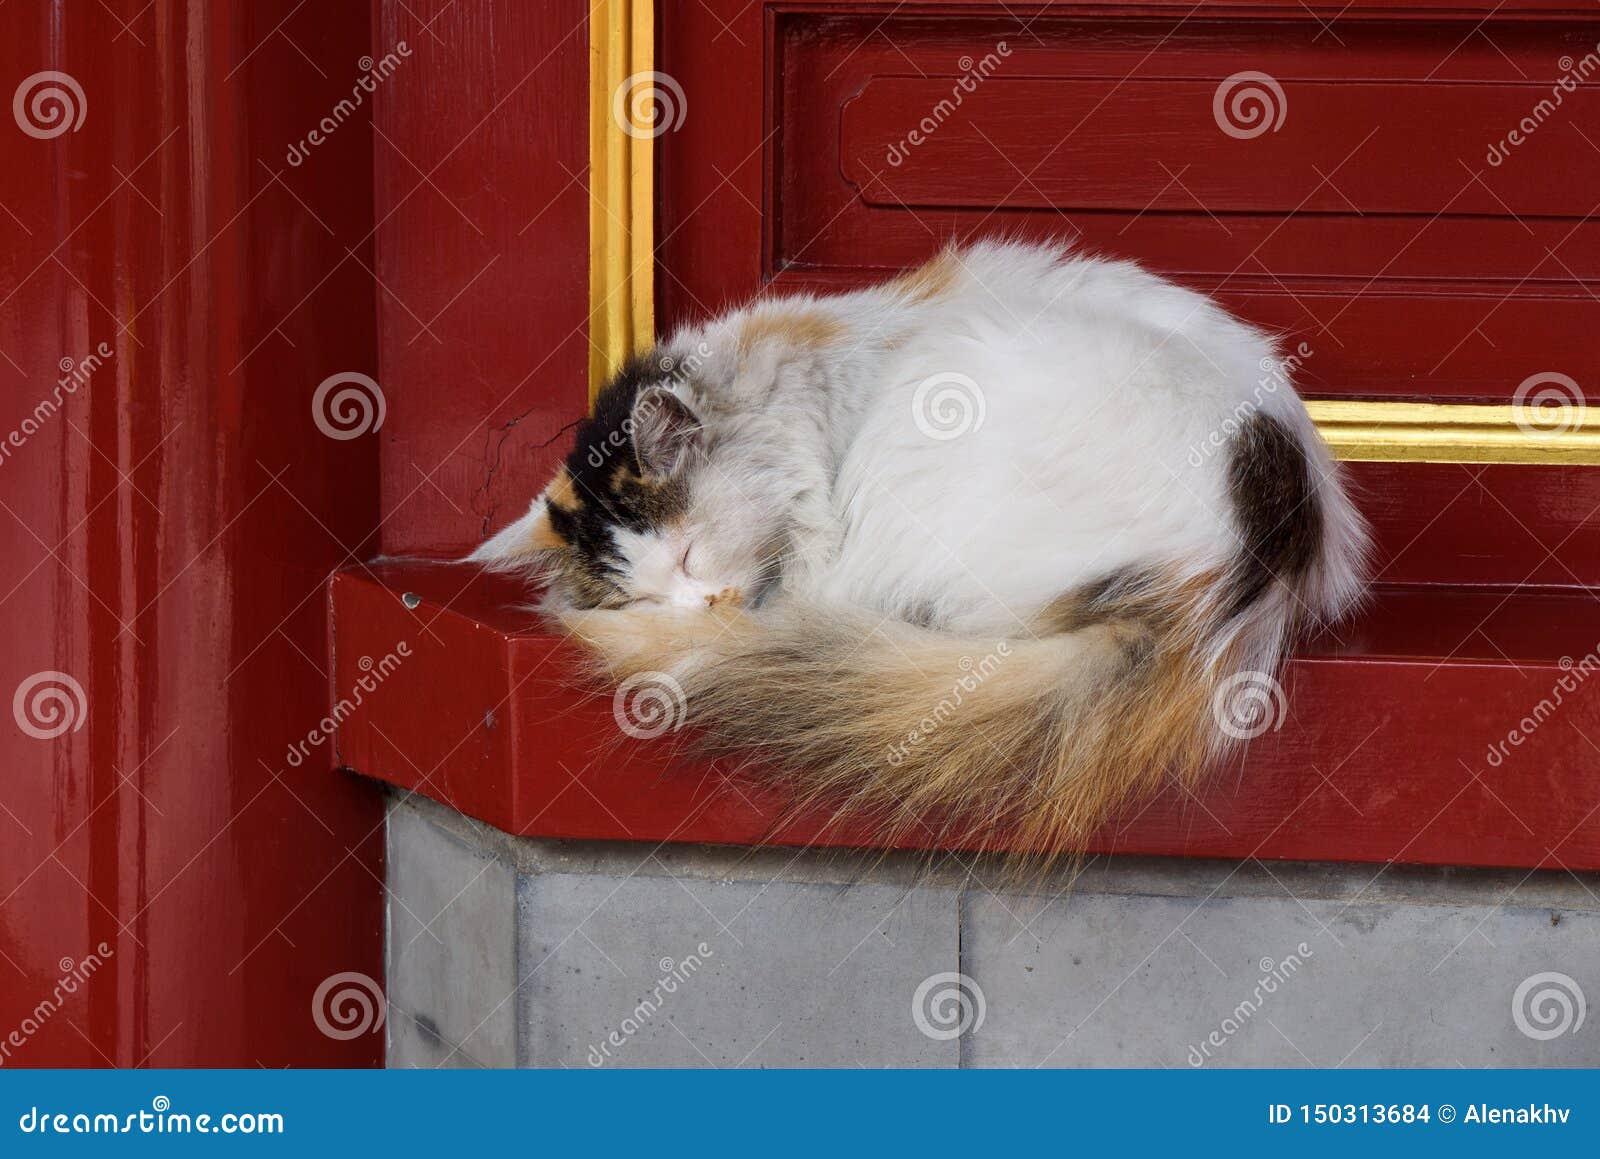 En smutsig hemlös vit fluffig katt sover mot en röd vägg med en guld- prydnad